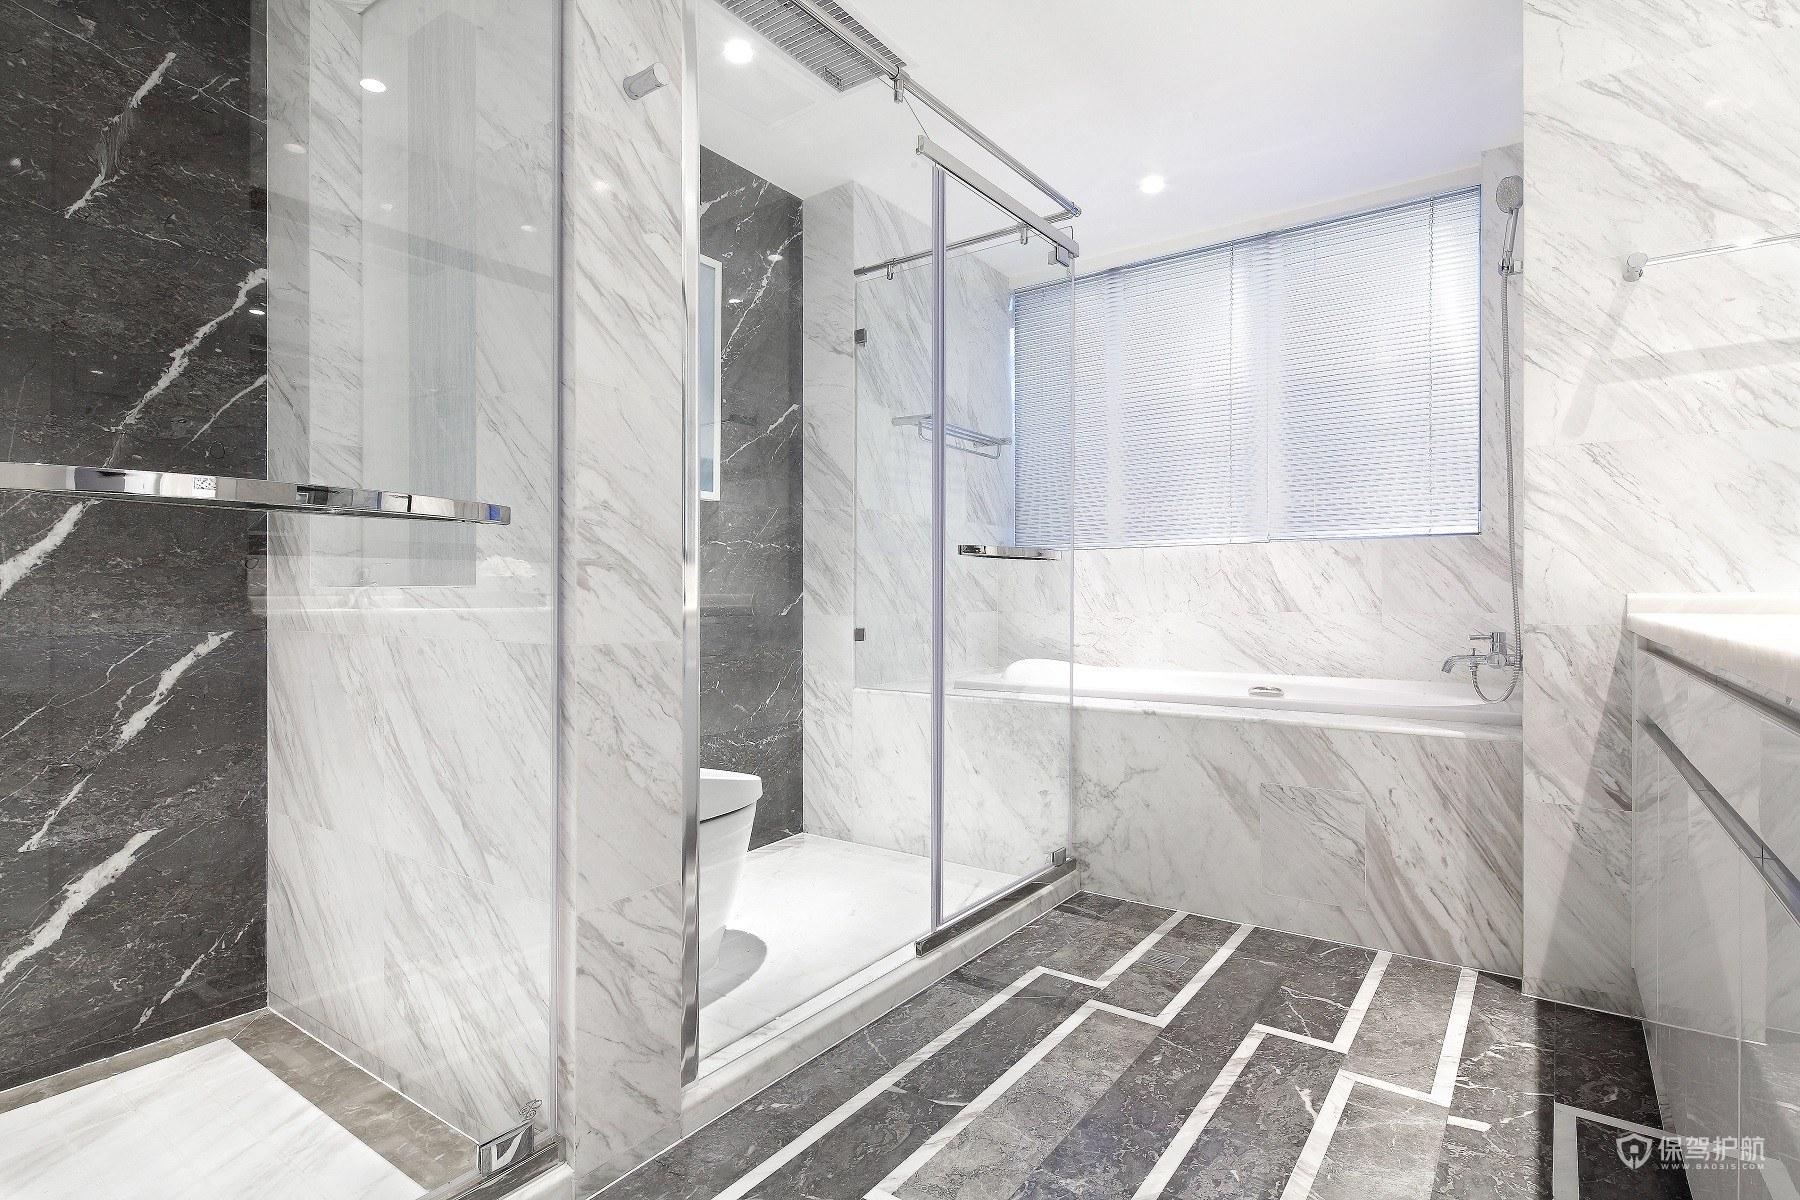 浴室地面保养方法,卫生间石材瓷砖地面怎么清洁?